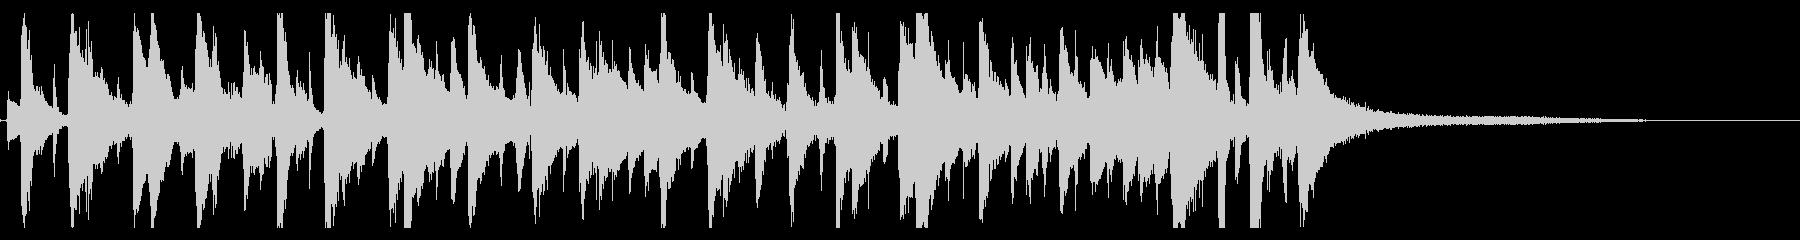 ほのぼのしたボサノバBGMの未再生の波形